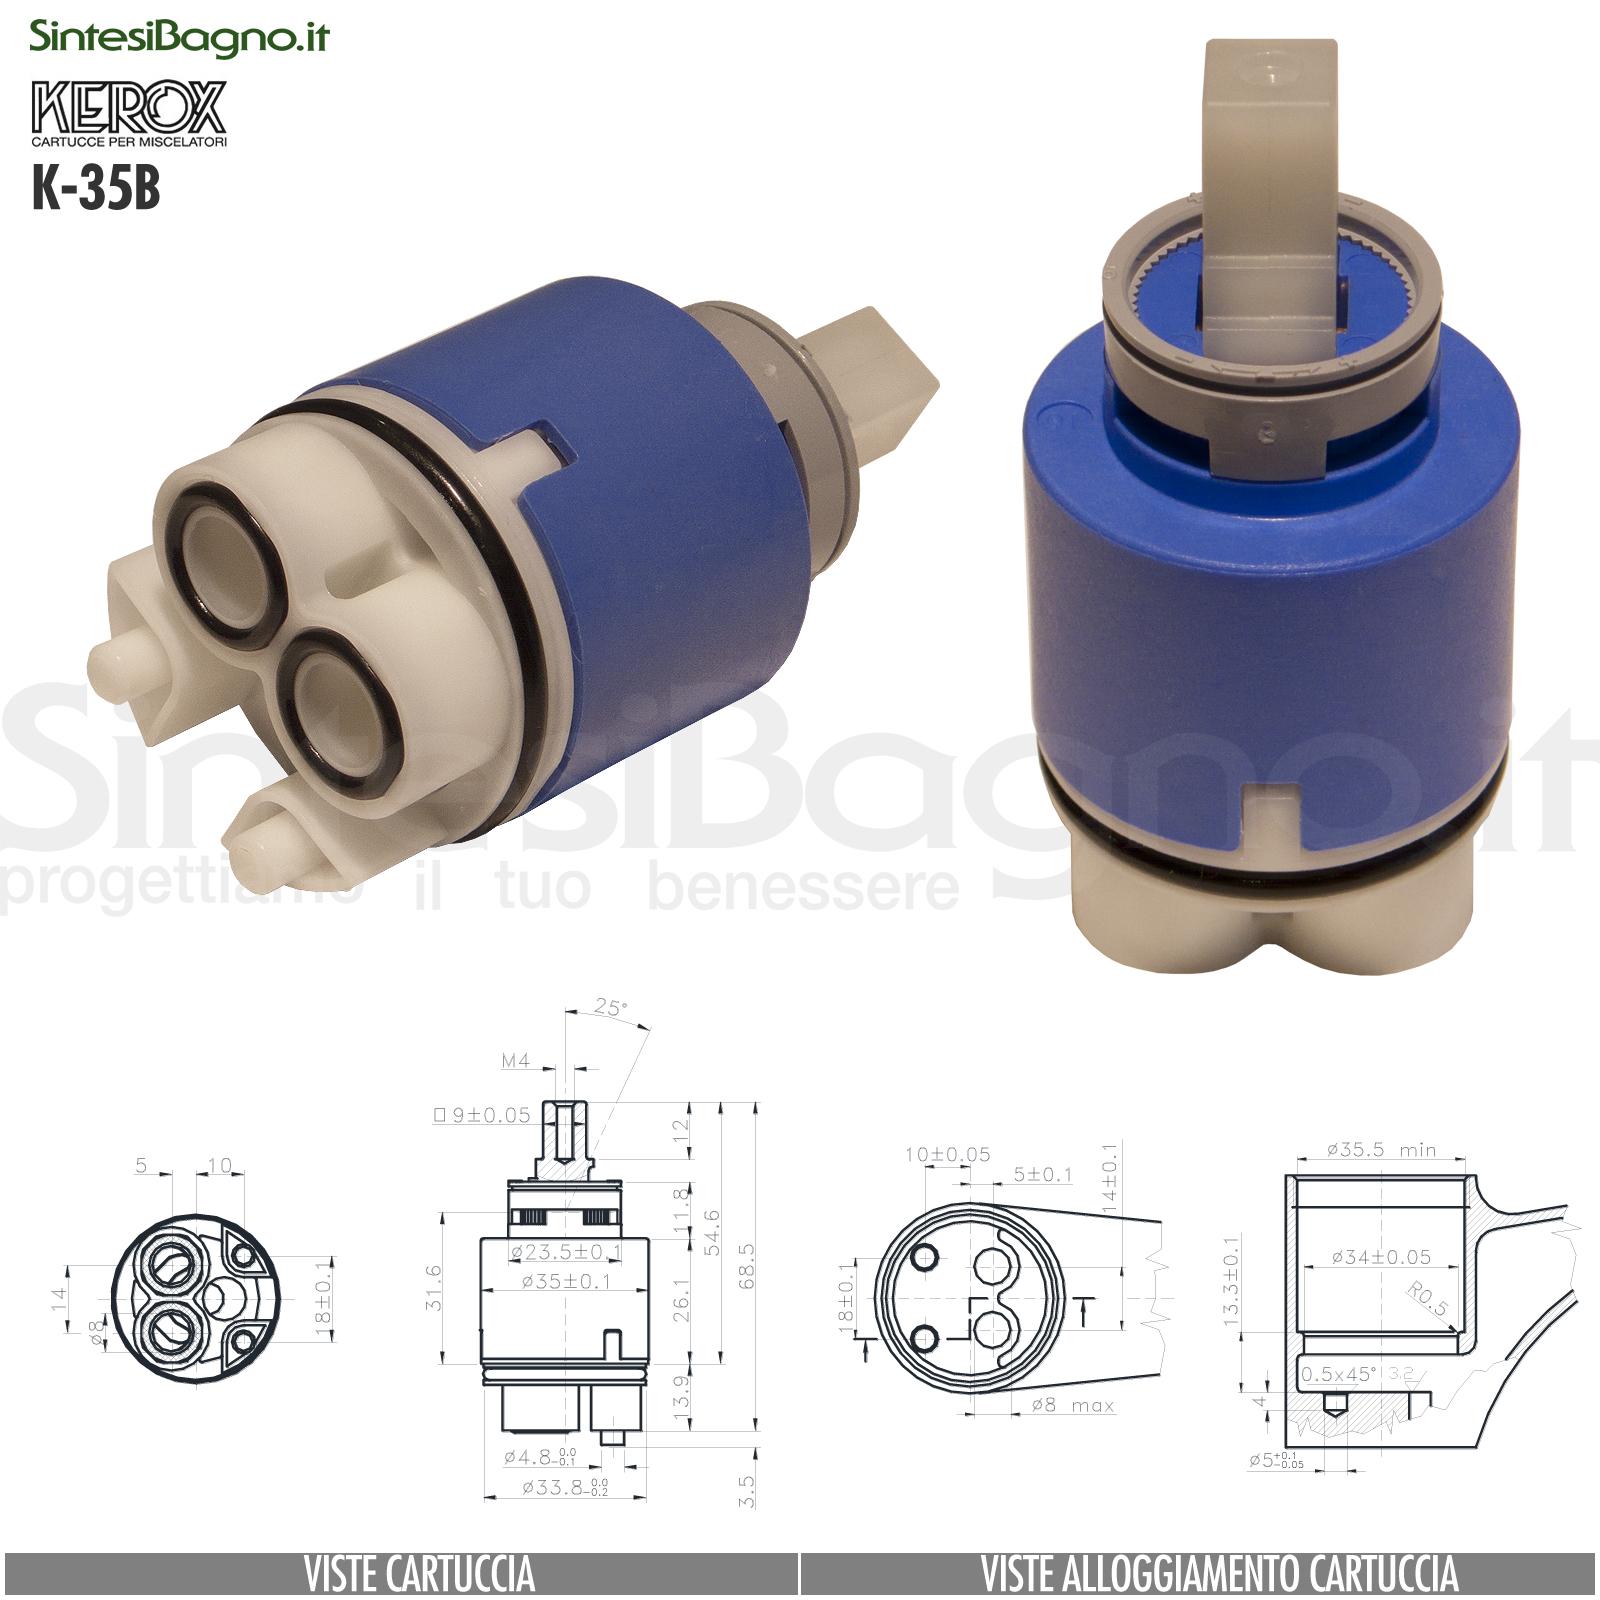 K35B-cartuccia-di-ricambio-KEROX-a-dischi-ceramici-per-miscelatore-monocomando-modello-K-35B